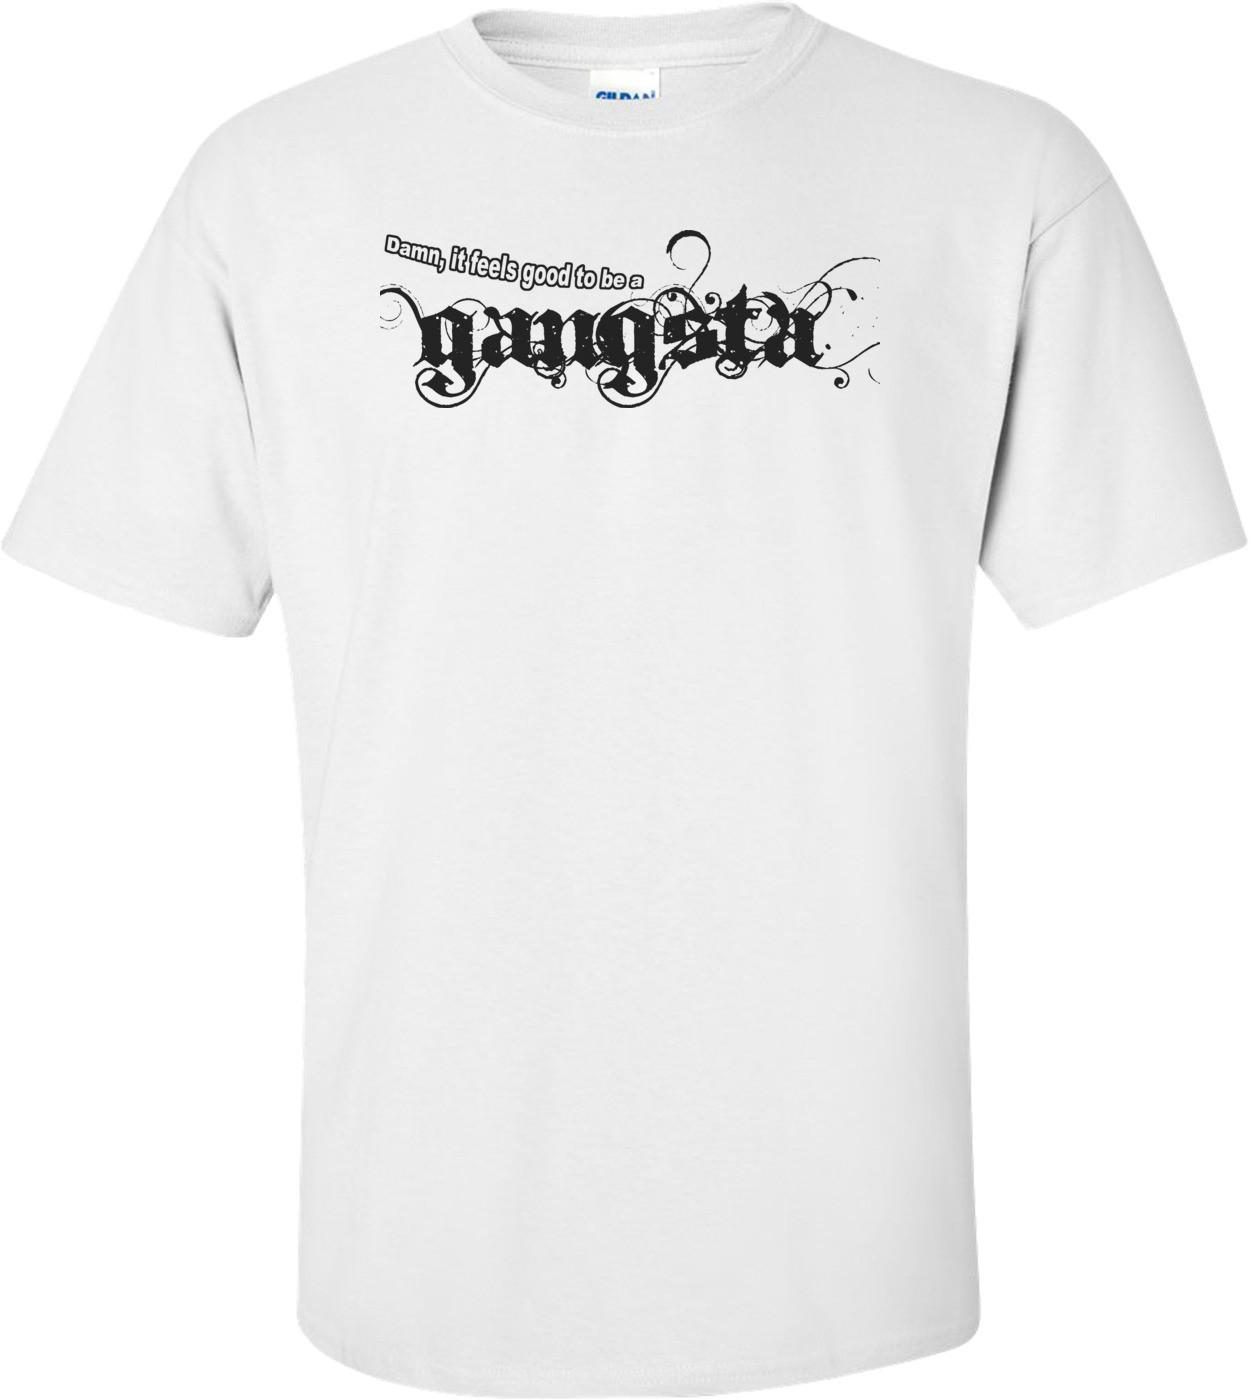 Damn It Feels Good To Be A Gangsta Shirt